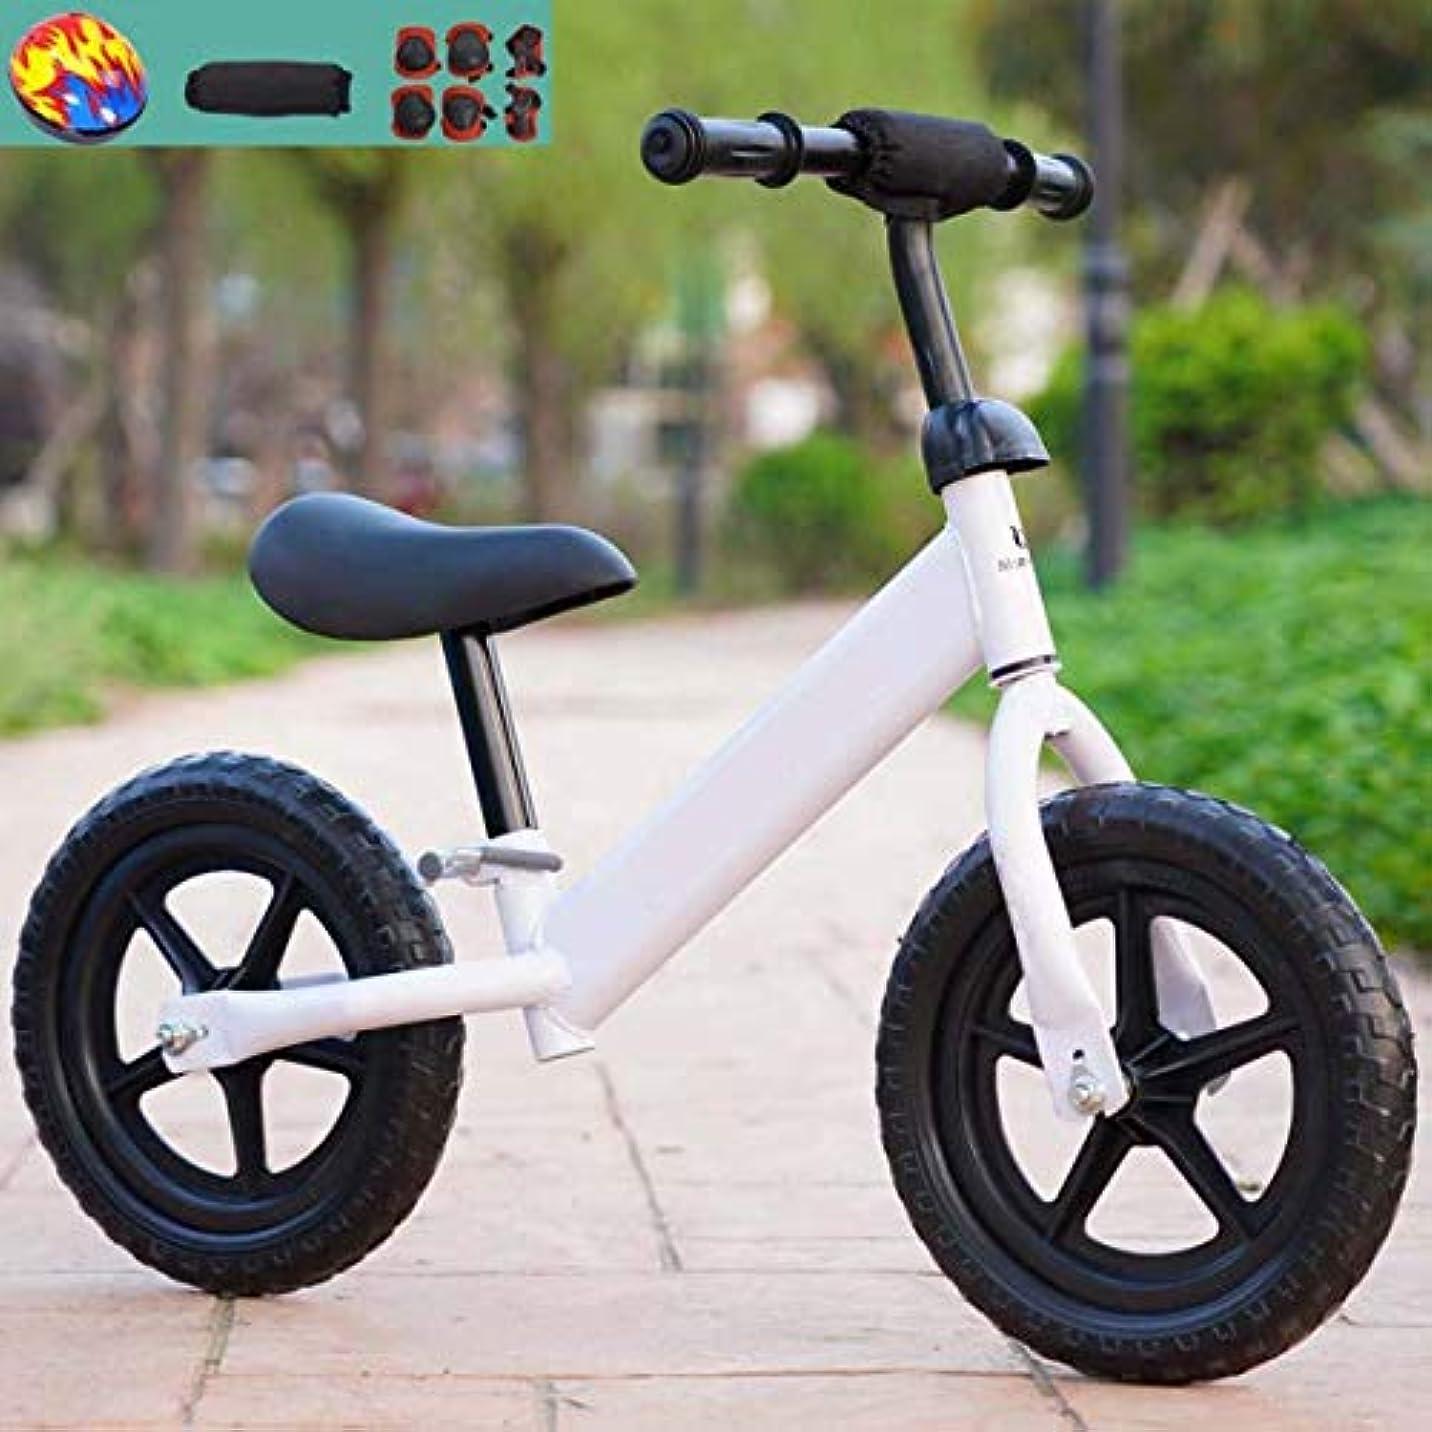 イル熱帯のリル幼児用自転車、ペダルなしのバランスバイク、2?6歳、幼児用ウォーキングバランスバイクトレーニングバイク、子供用自転車、12インチ